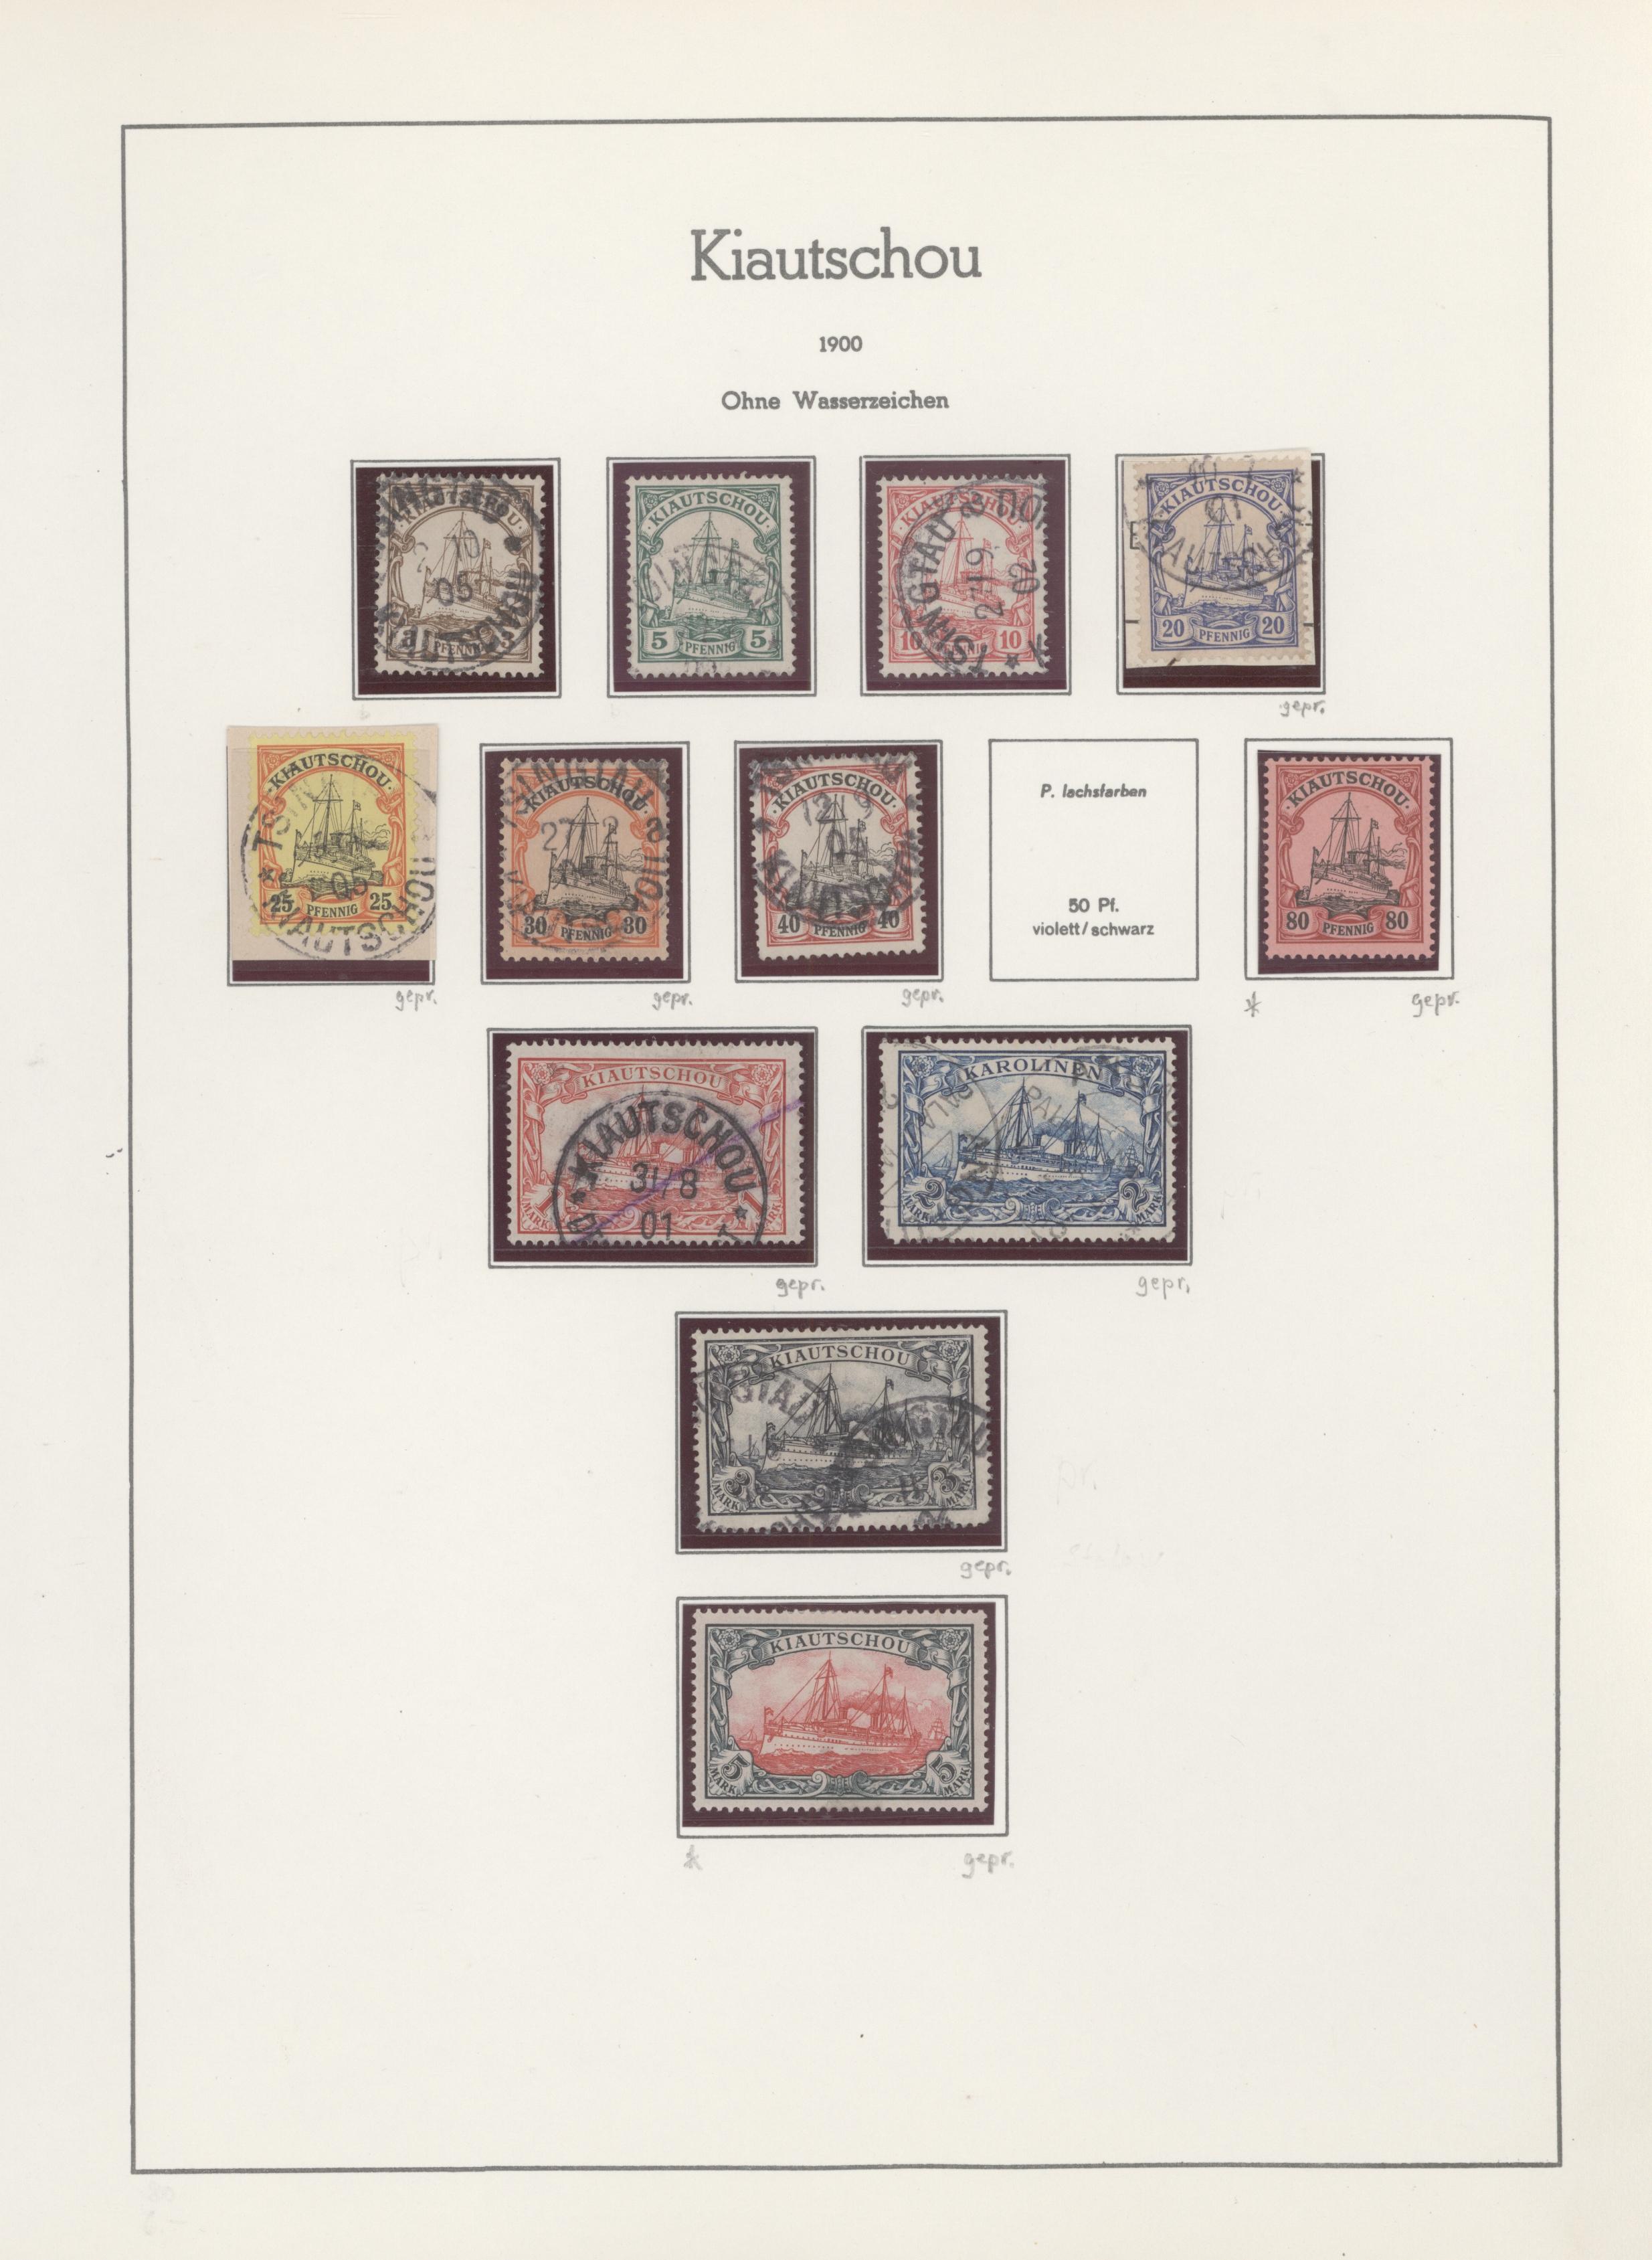 Lot 14685 - Deutsche Kolonien - Kiautschou  -  Auktionshaus Christoph Gärtner GmbH & Co. KG 51th Auction - Day 5